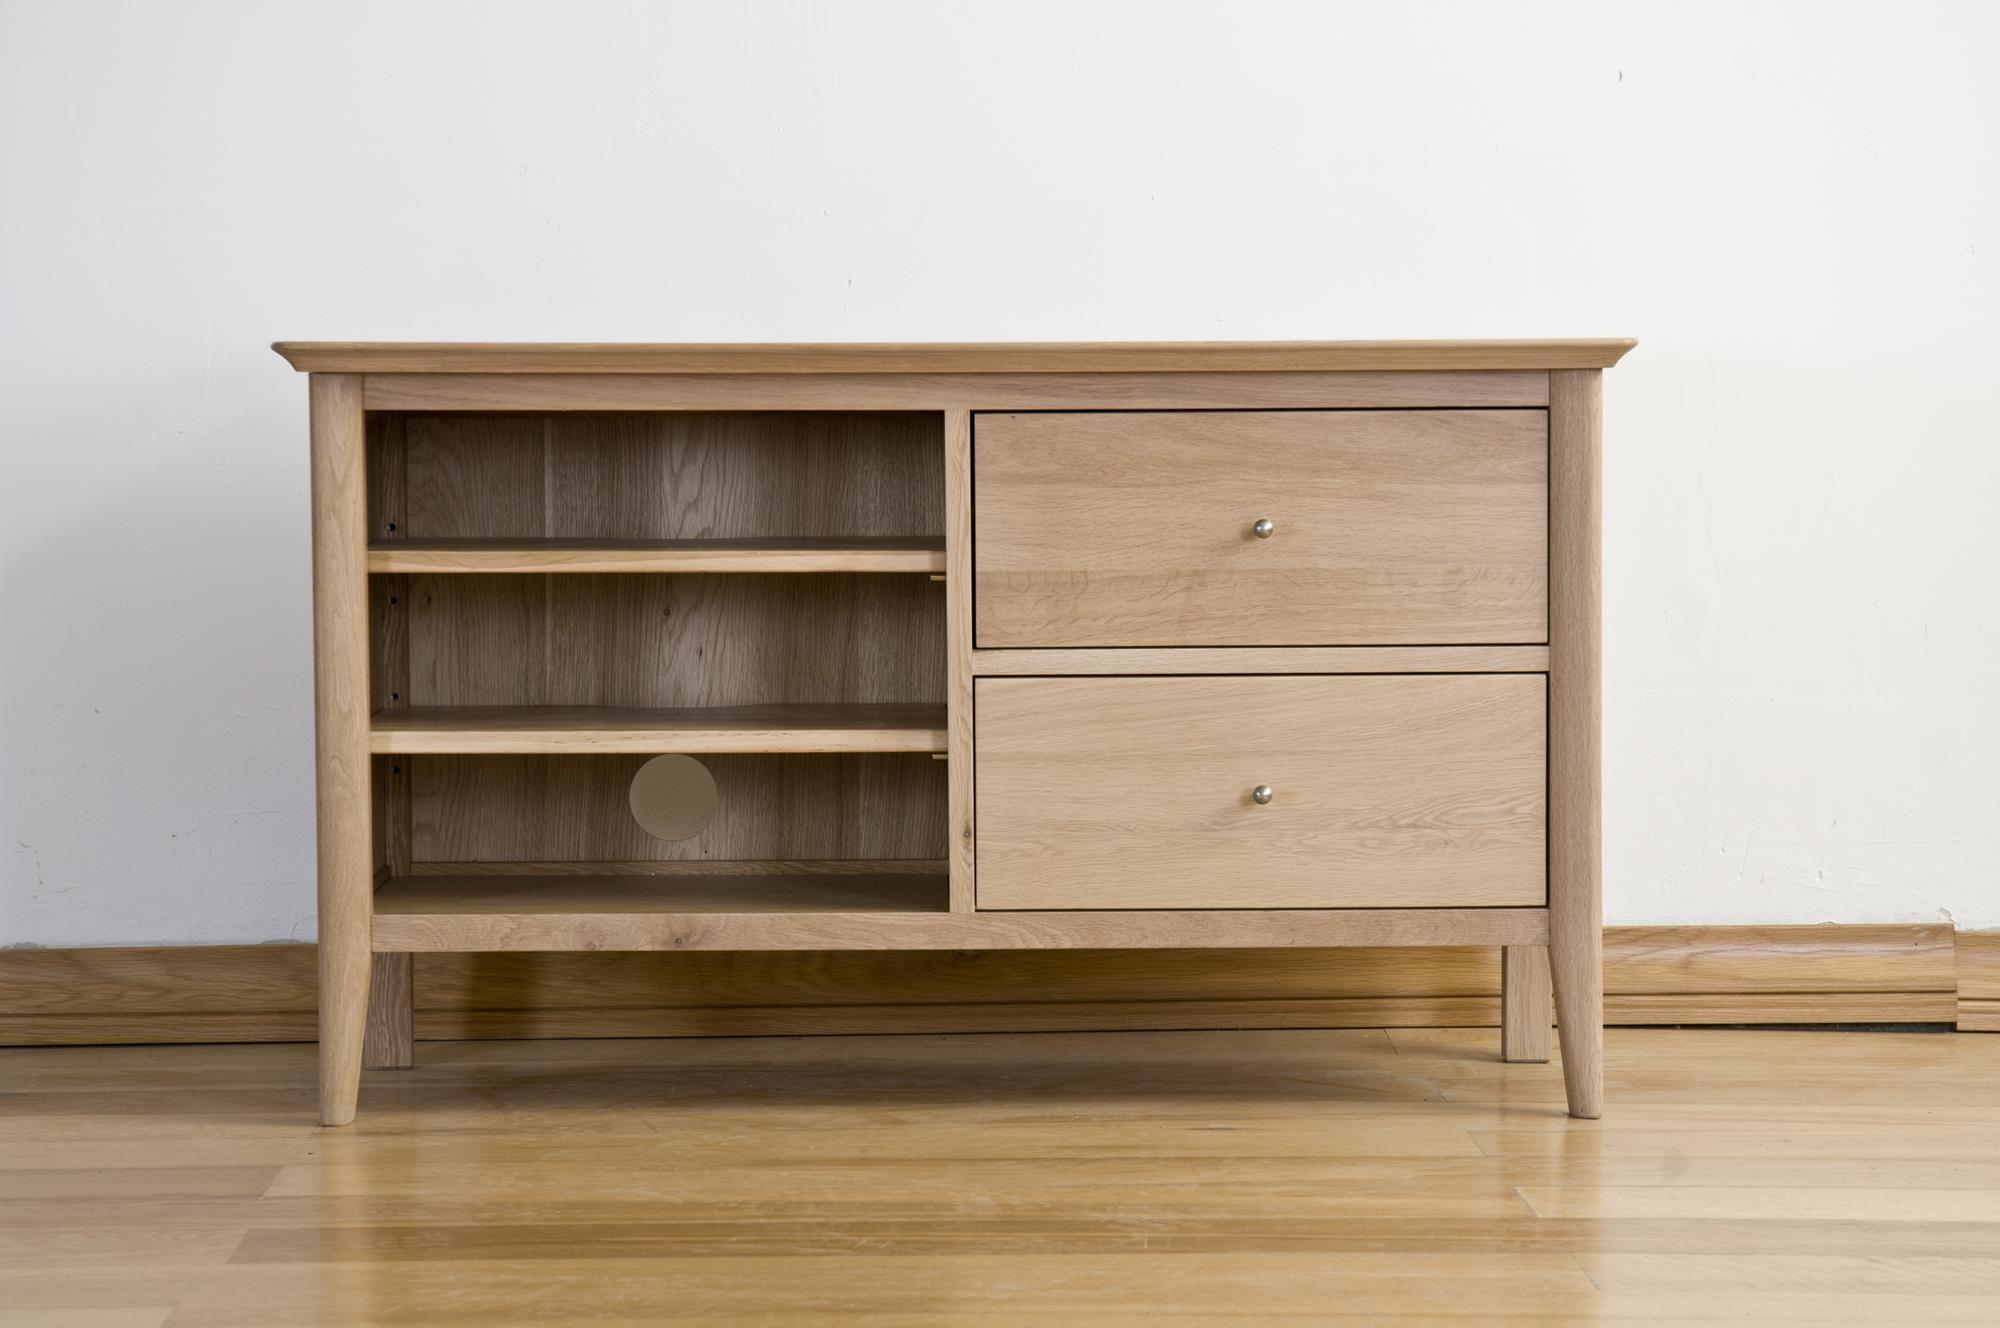 Sorrento Solid Oak Standard TV Cabinet - 2 Drawer